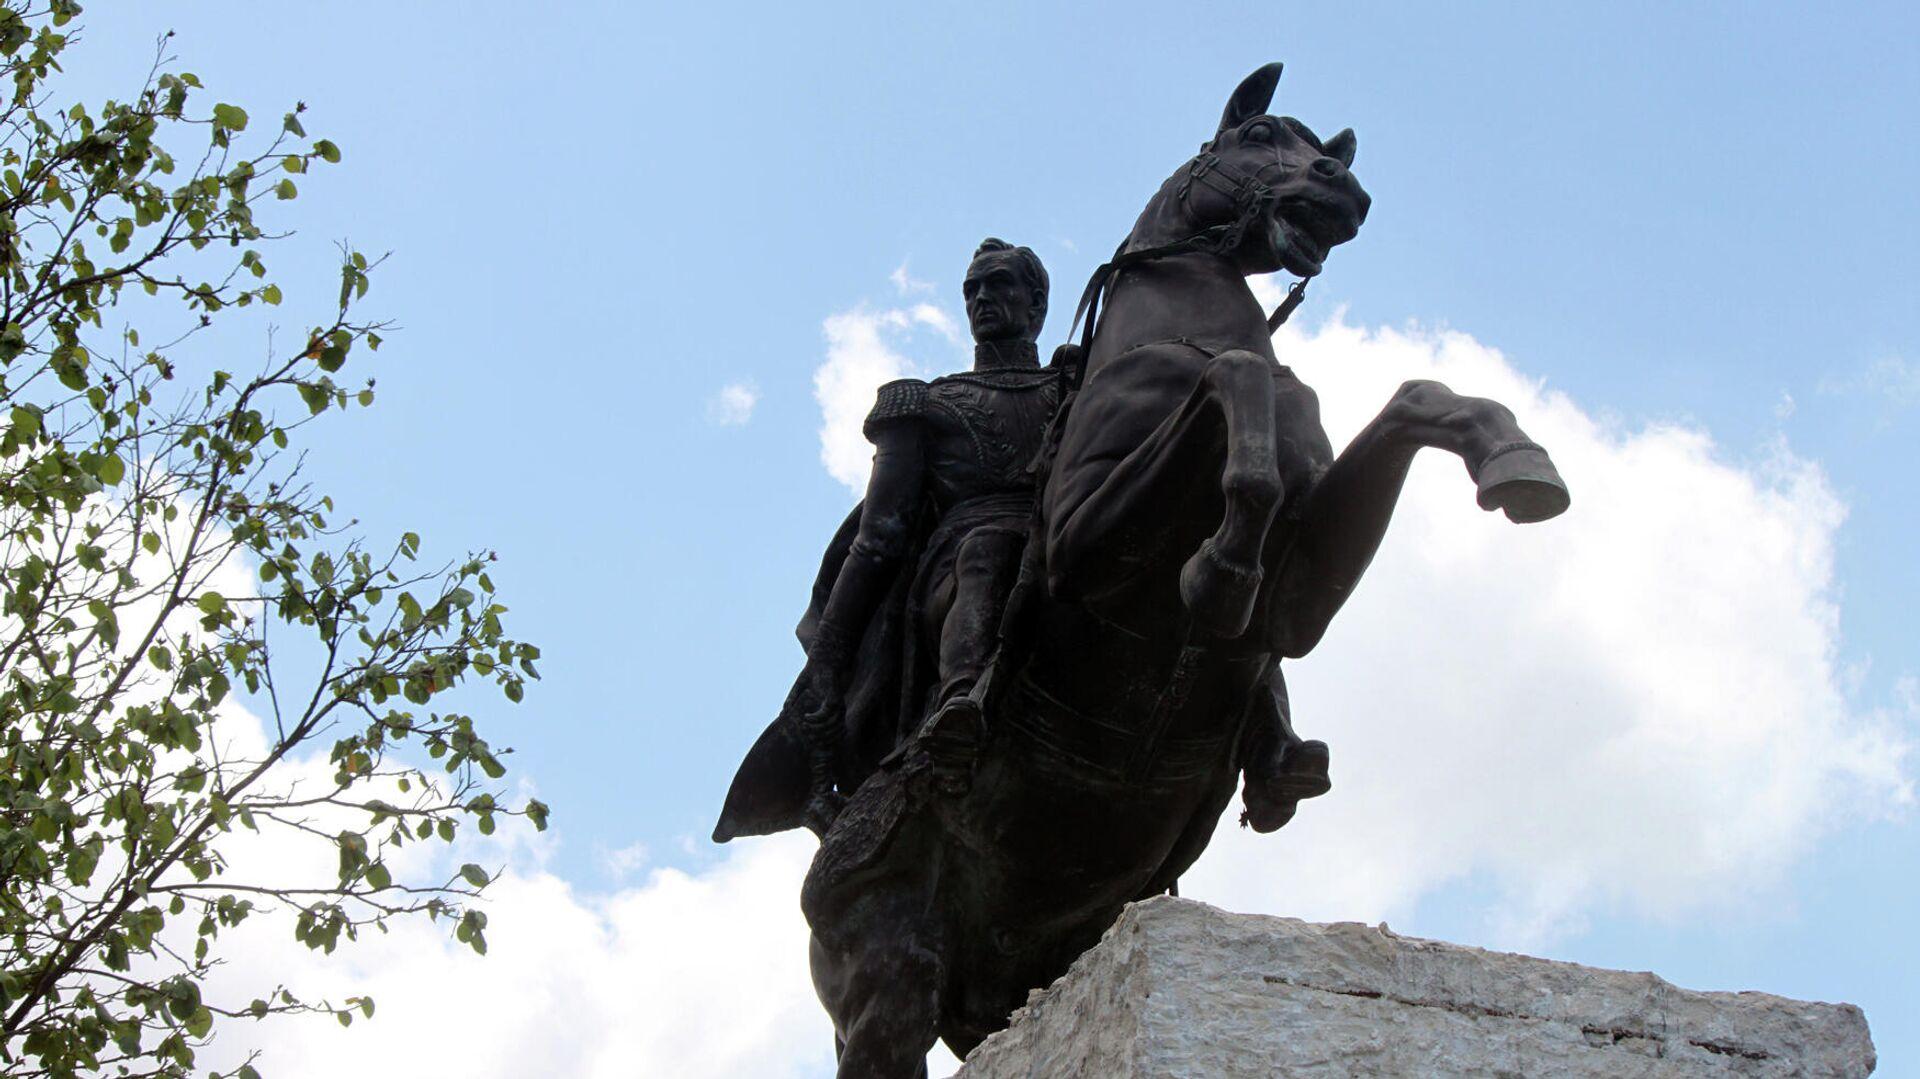 Estatua al Libertador Simón Bolívar - Vedado, La Habana - Sputnik Mundo, 1920, 11.05.2021